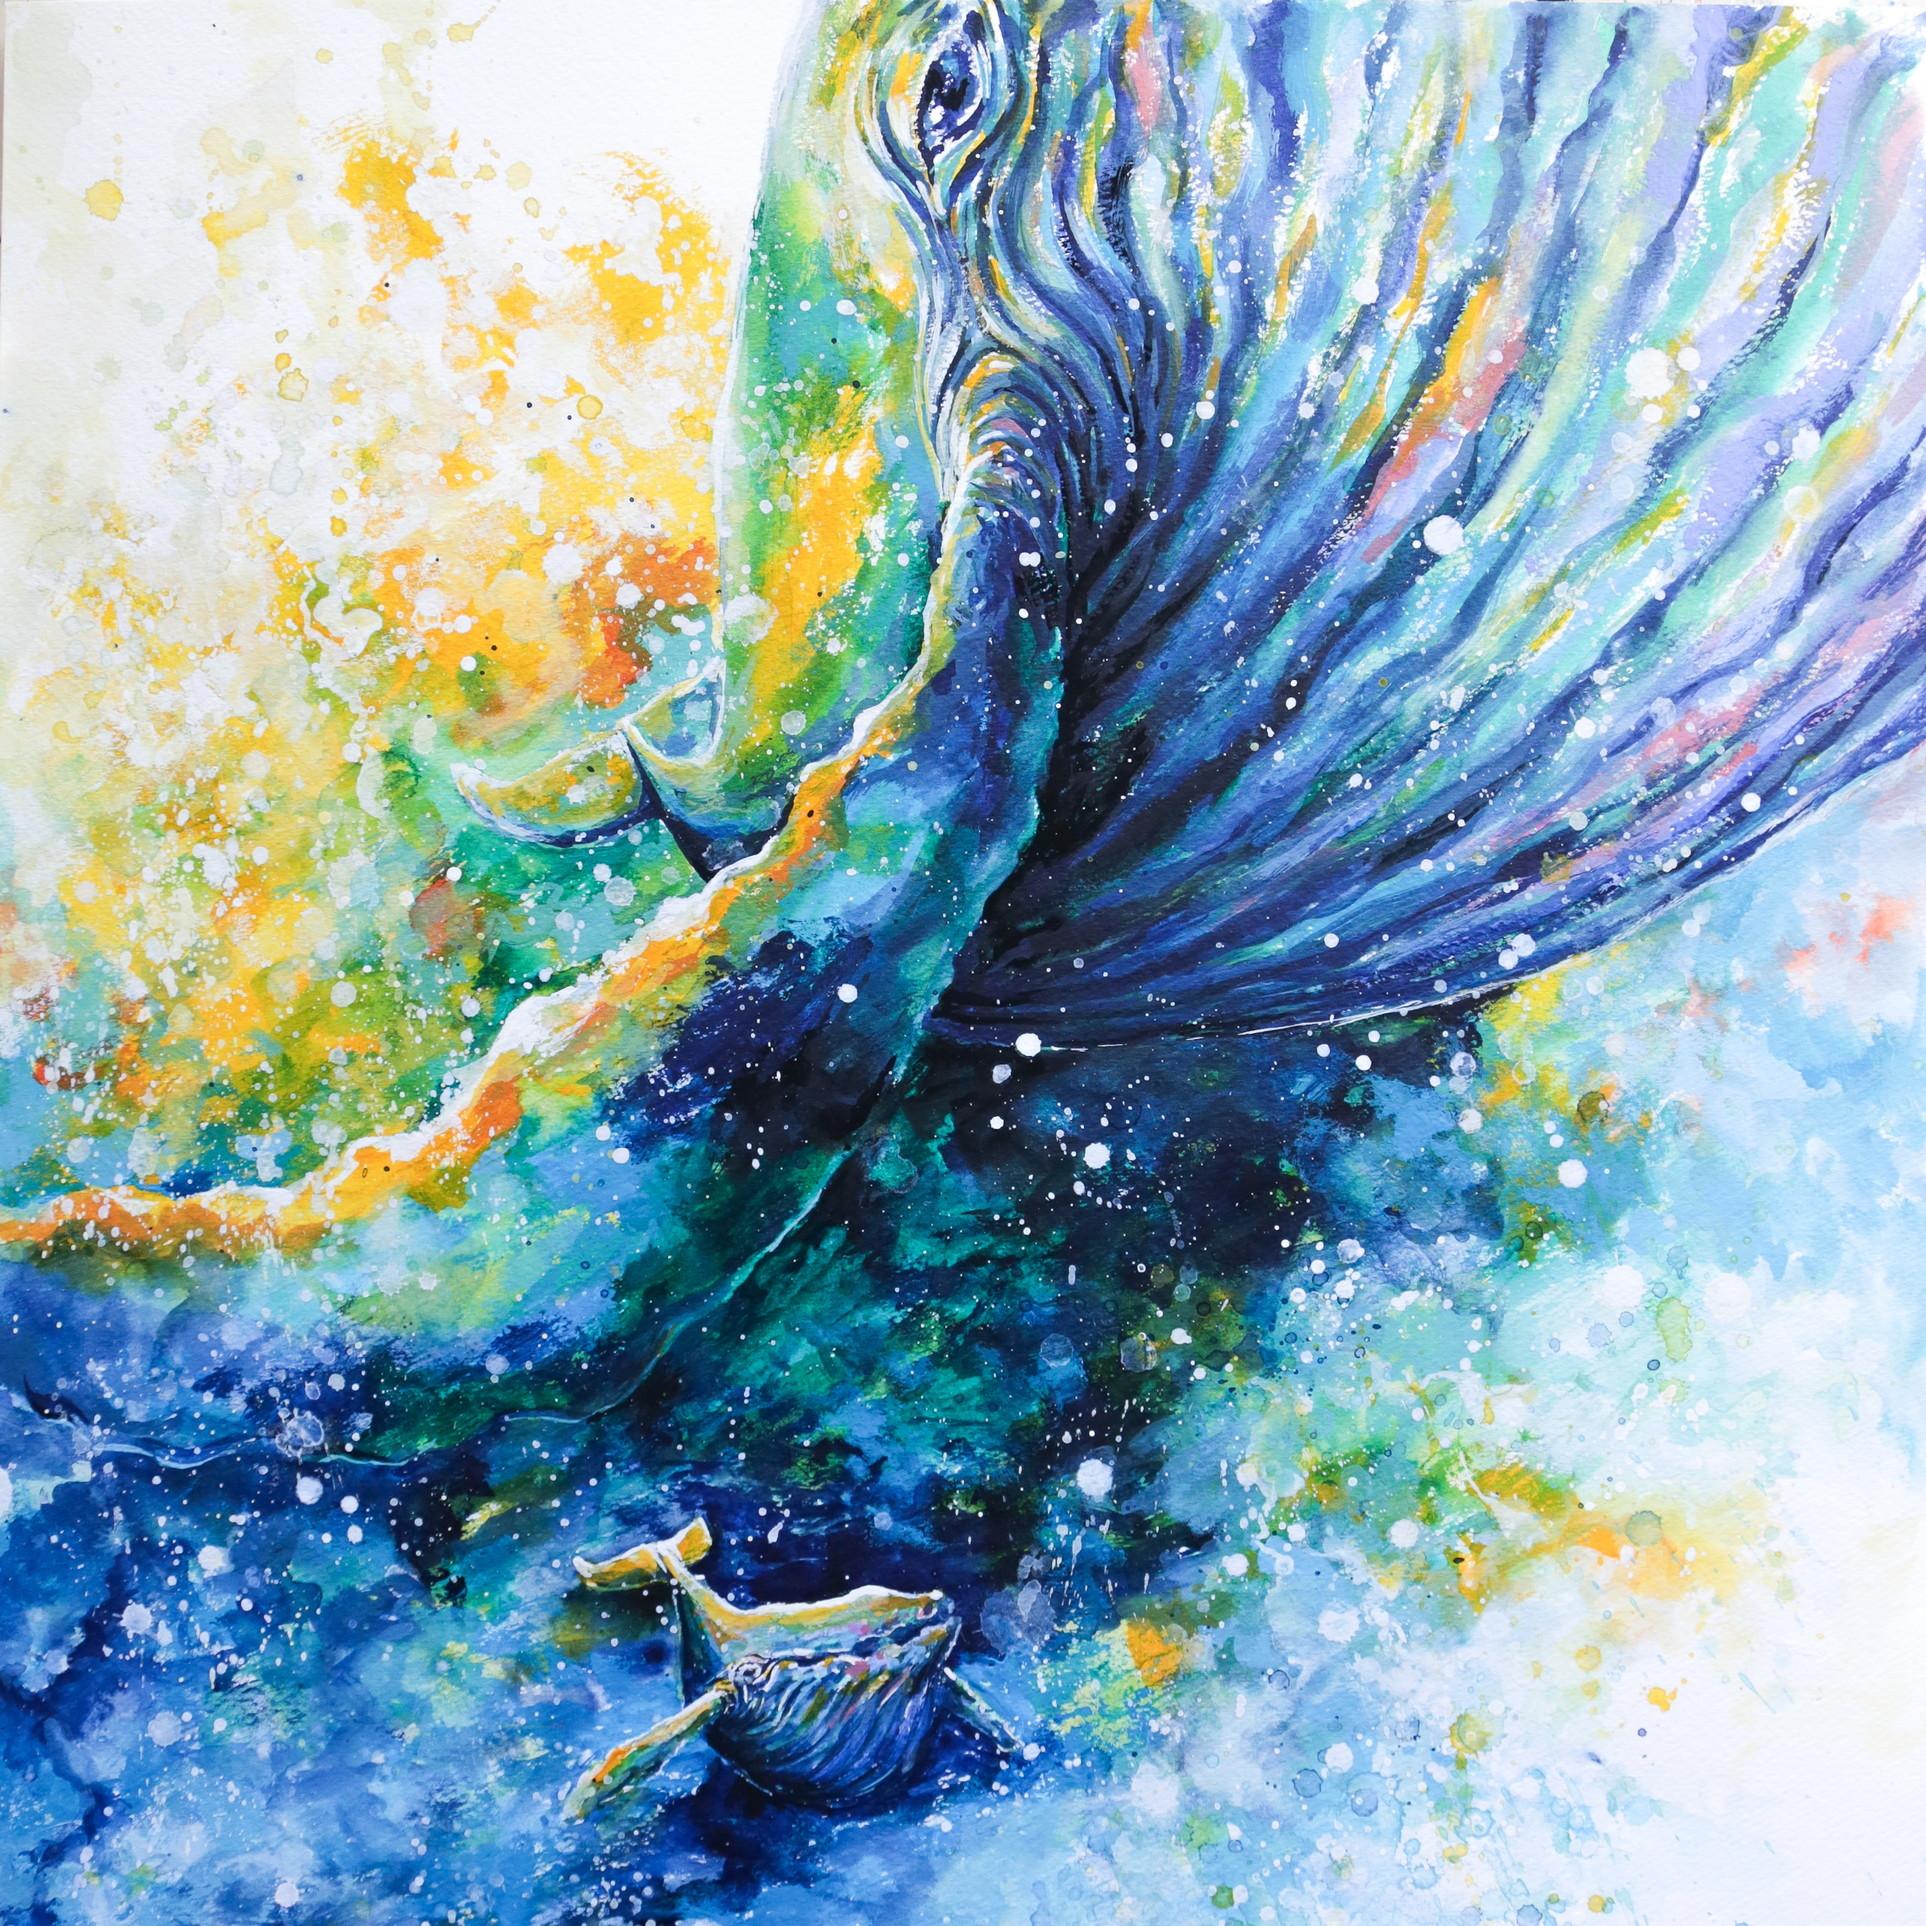 絵画 インテリア アートパネル 雑貨 壁掛け 置物 おしゃれ 水彩画 クジラ 動物 海 ロココロ 画家 : 平田幸大 作品 : 躍進